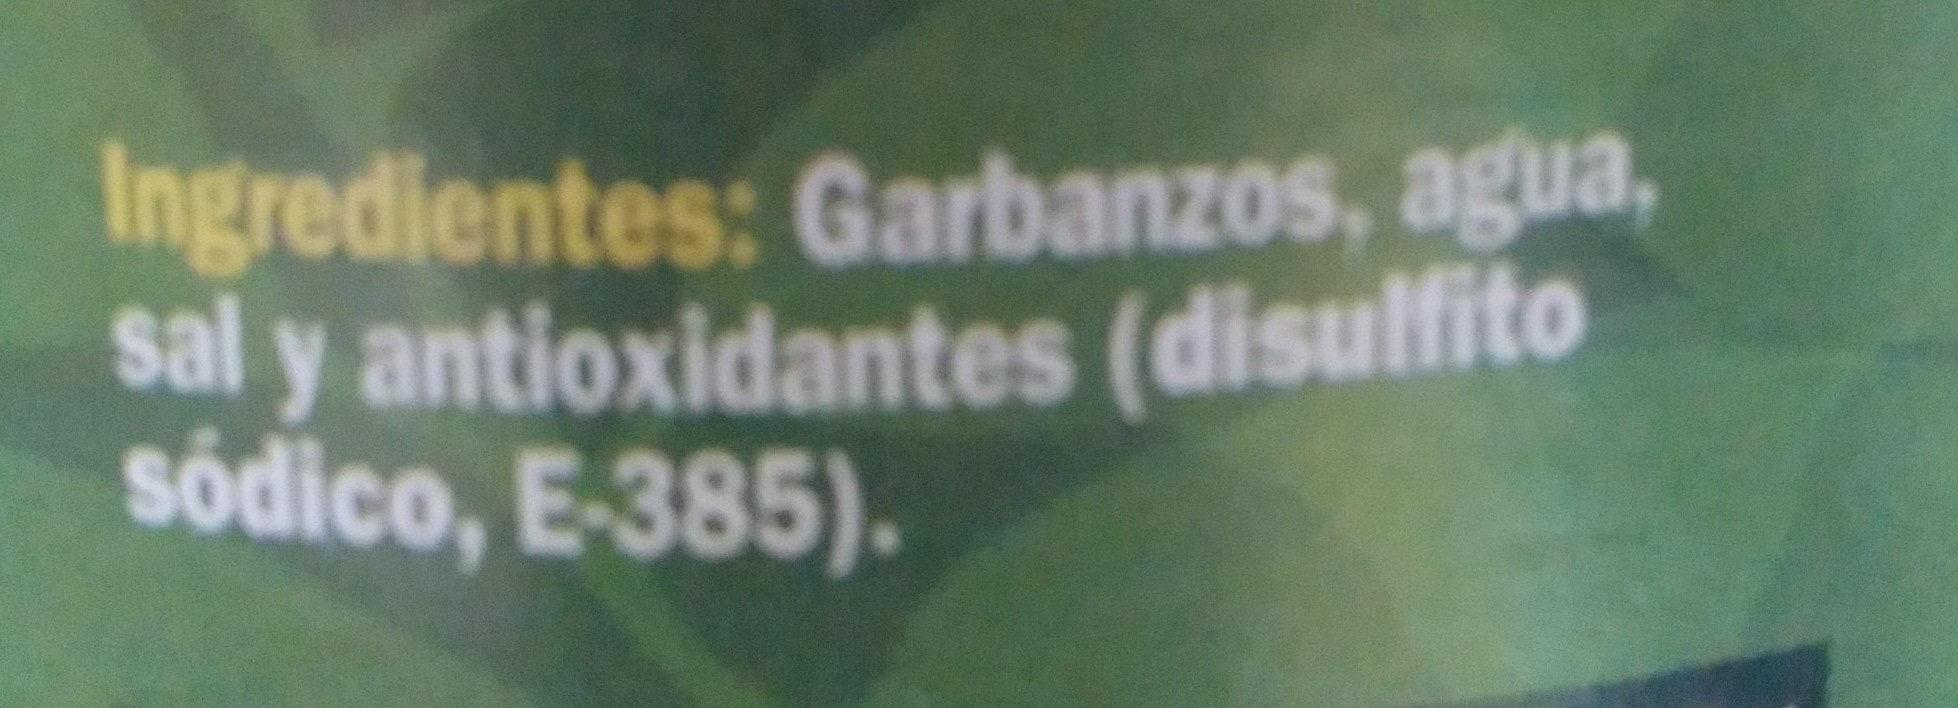 Garbanzos cocidos al natural - Inhaltsstoffe - es